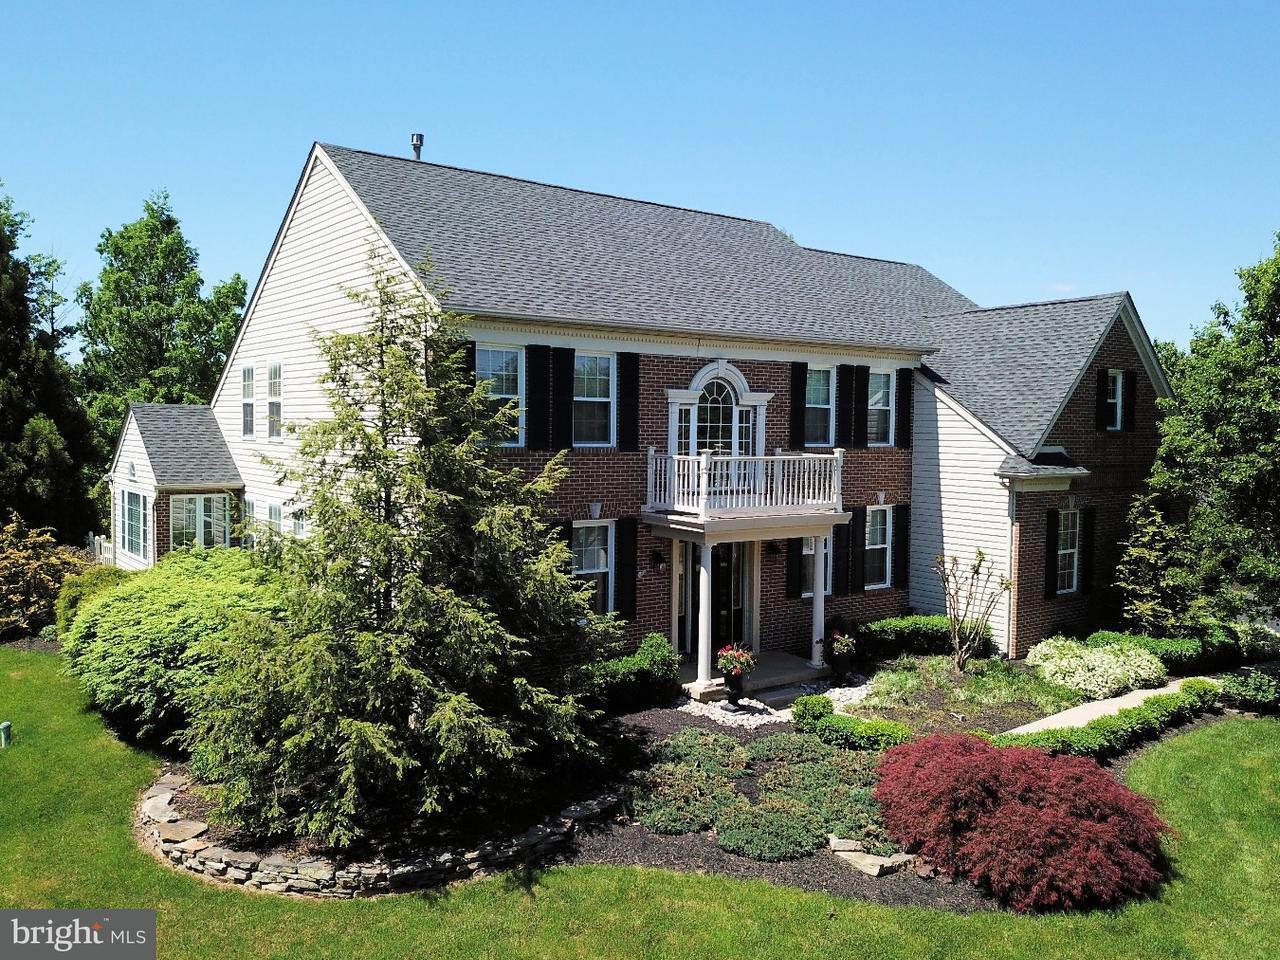 Частный односемейный дом для того Продажа на 365 HIGH Street Souderton, Пенсильвания 18964 Соединенные Штаты